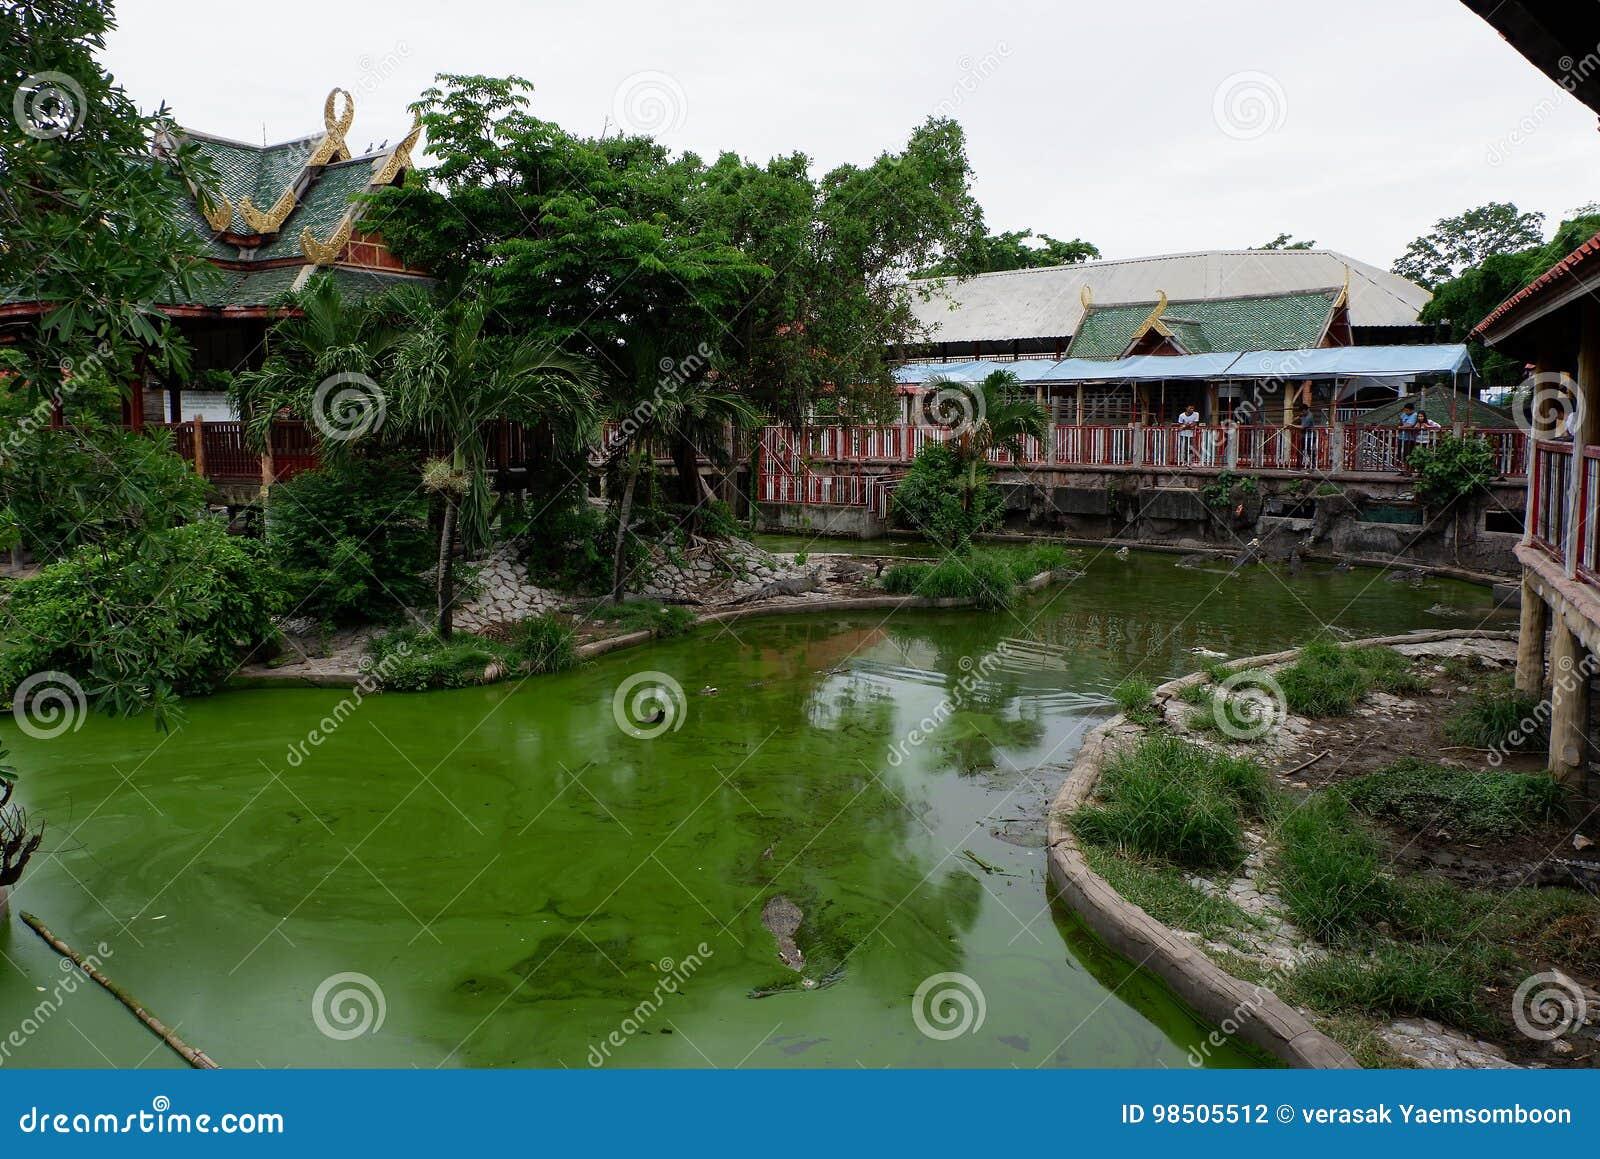 Krokodyla gospodarstwo rolne, Tajlandia